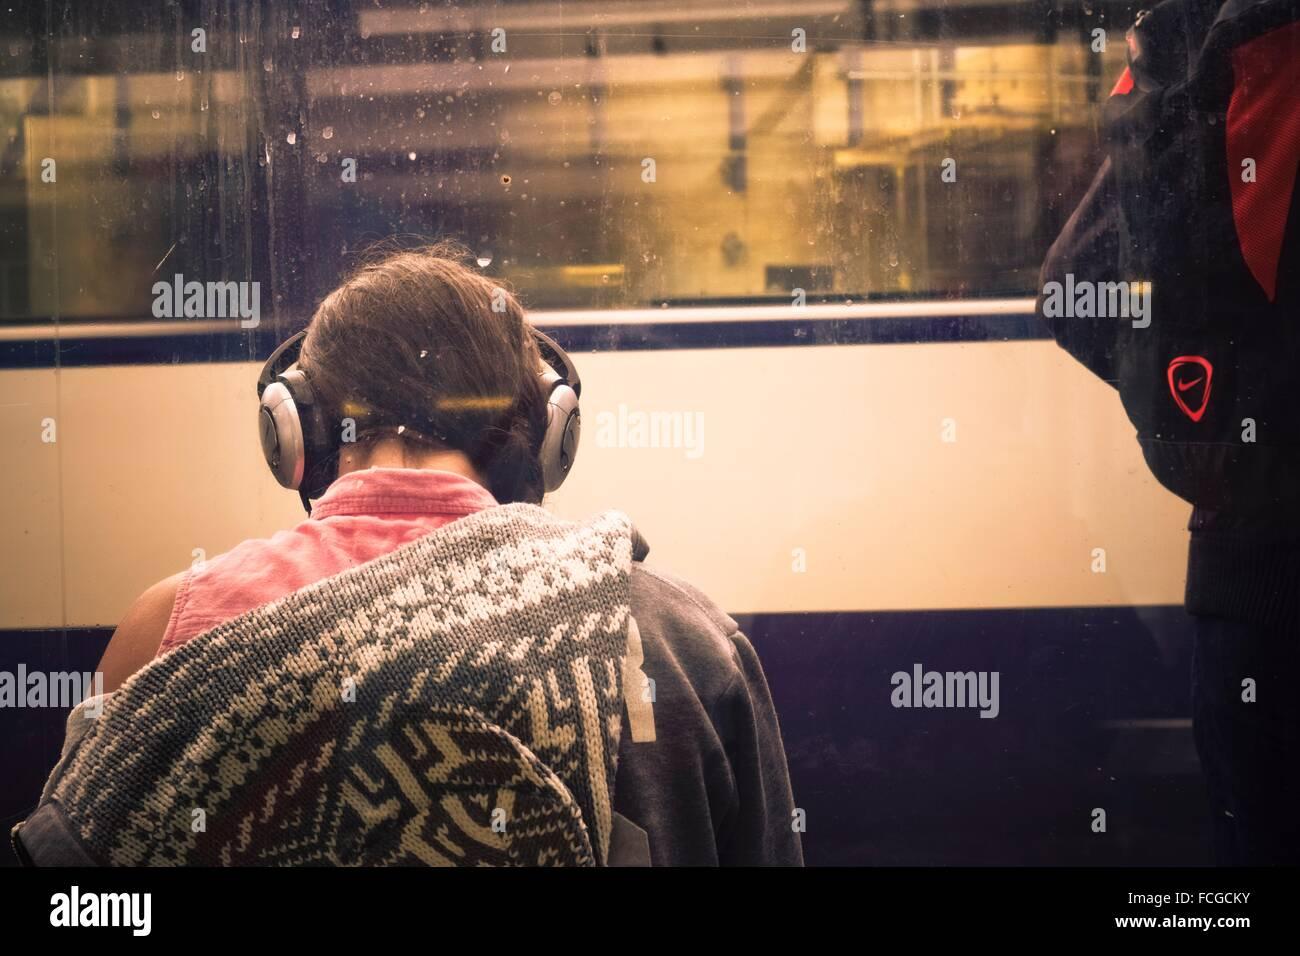 Jeune femme de retour avec écouteurs pour écouter de la musique. Dans l'arrière-plan la voiture Photo Stock